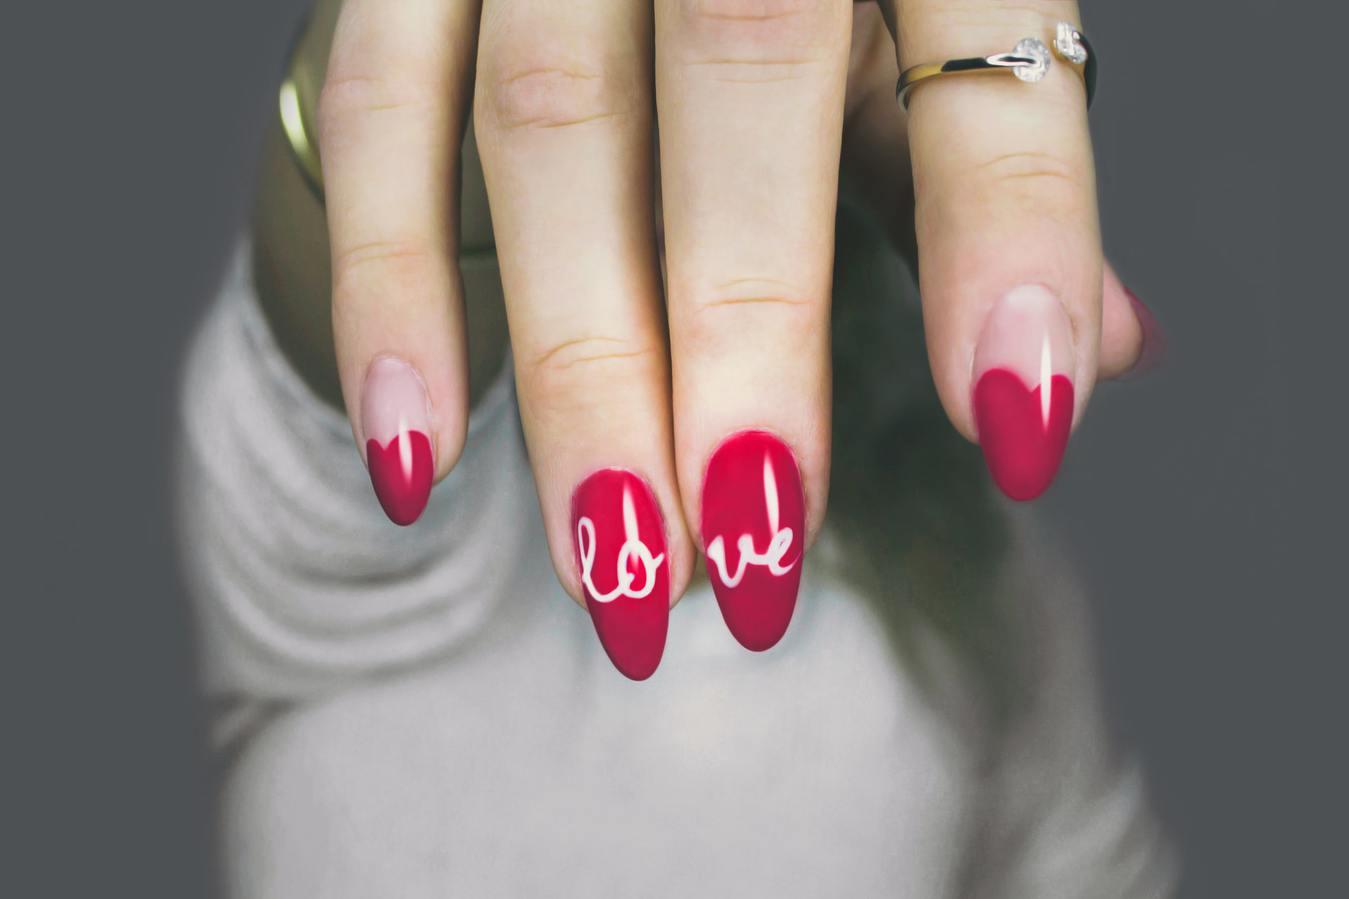 Uñas pintadas de rojo que explican el amor